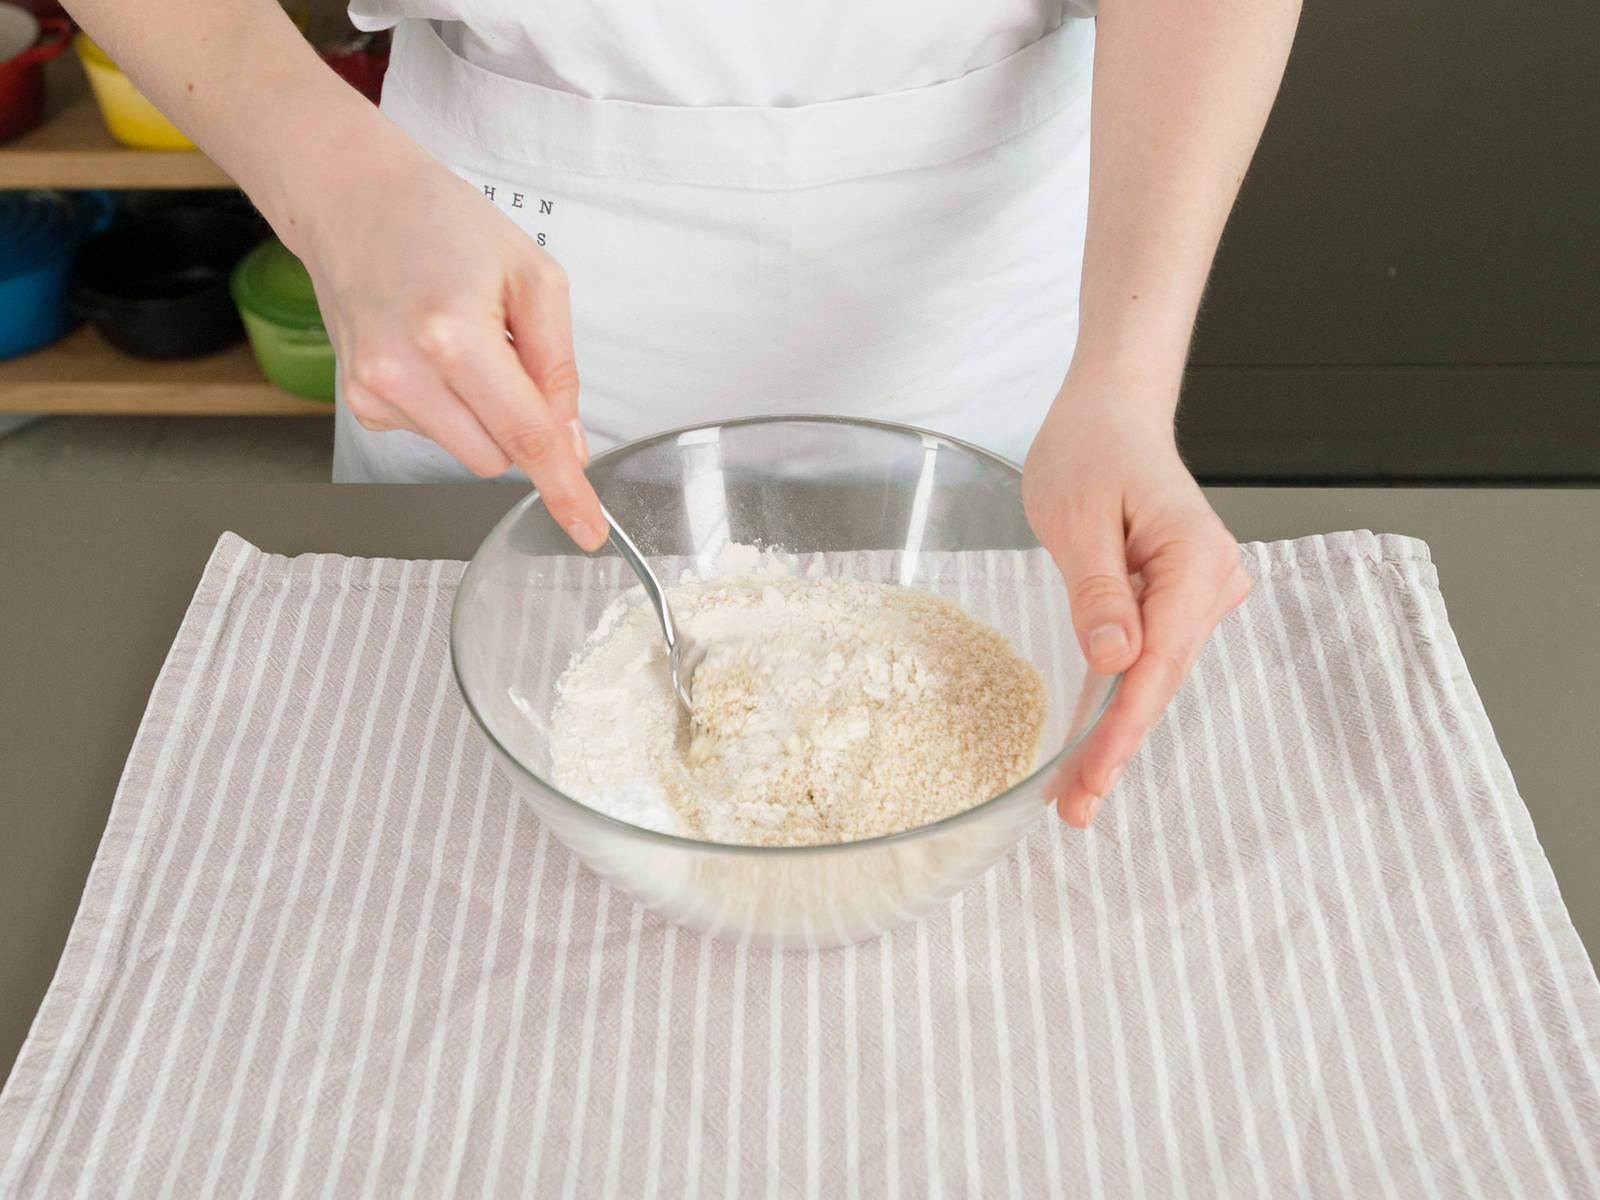 Mehl, gemahlene Mandeln, Salz und Backpulver vermengen und beiseitestellen. Butter und Teil des Zuckers aufschlagen und Eier nacheinander unterheben. Anschließend Vanilleextrakt unterrühren.